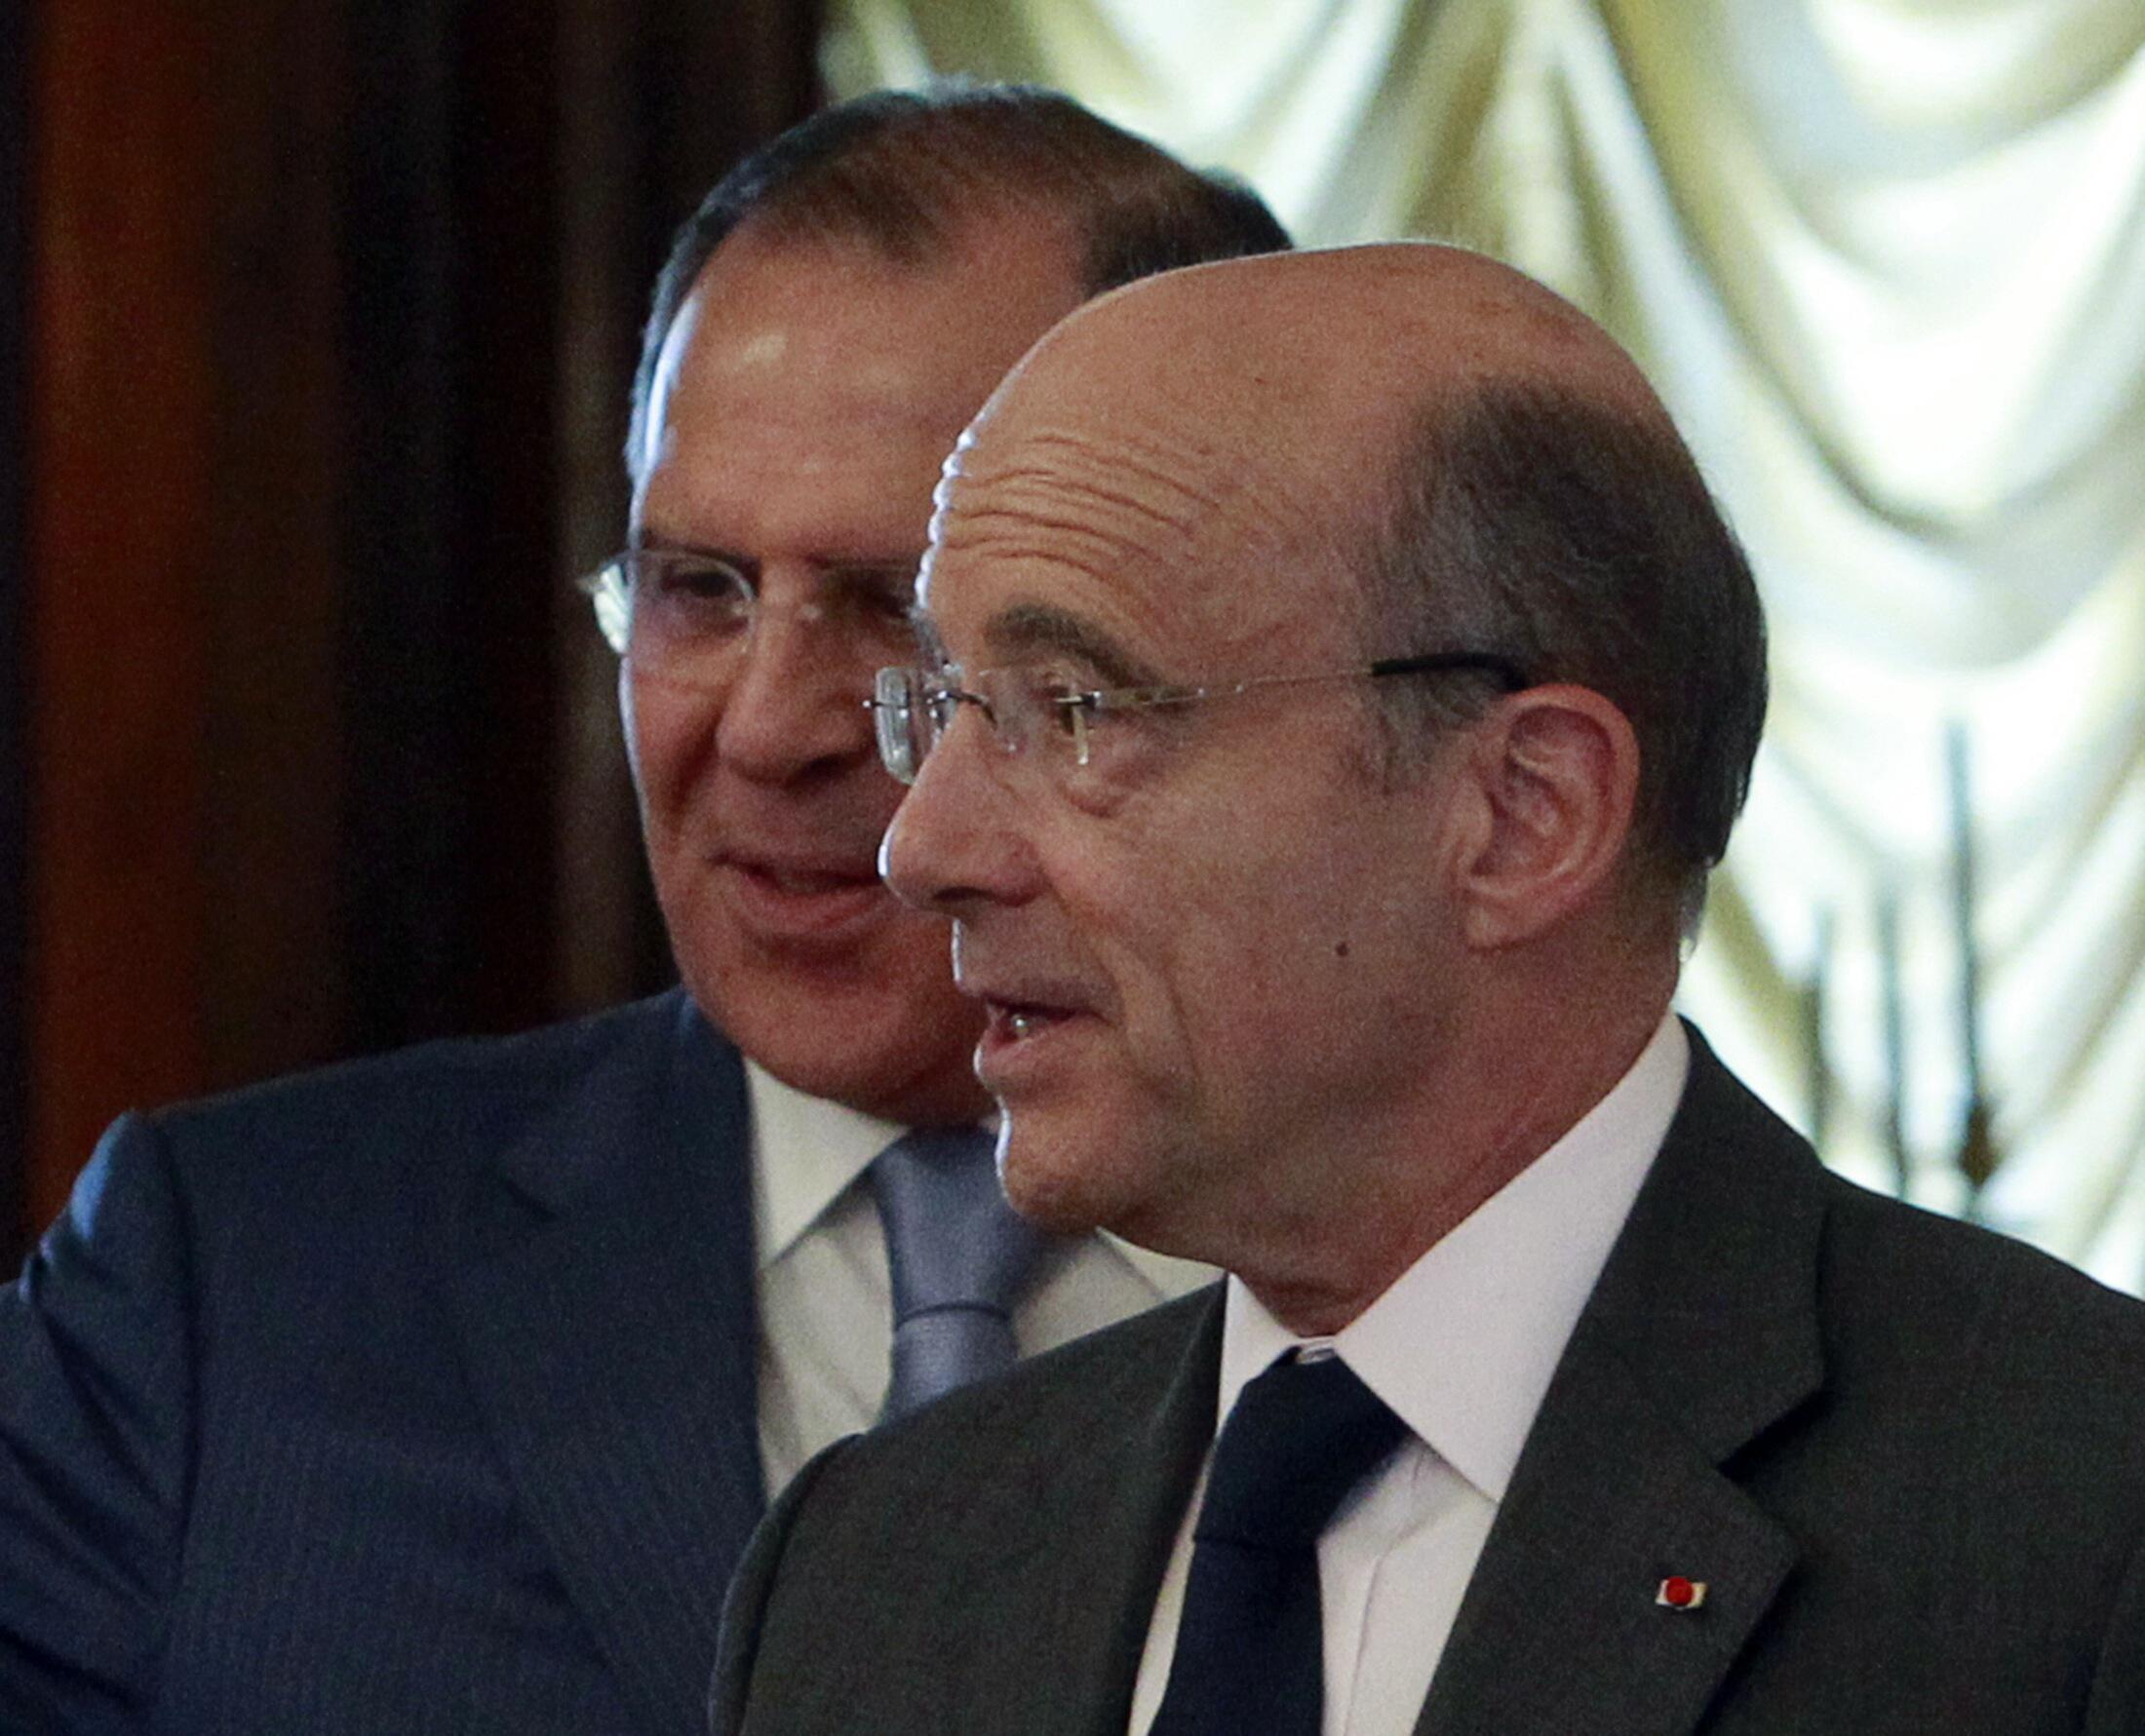 Министр иностранных дел Франции Ален Жюппе на встрече с главой российского МИДа Сергеем Лавровым 1 июля 2011 года